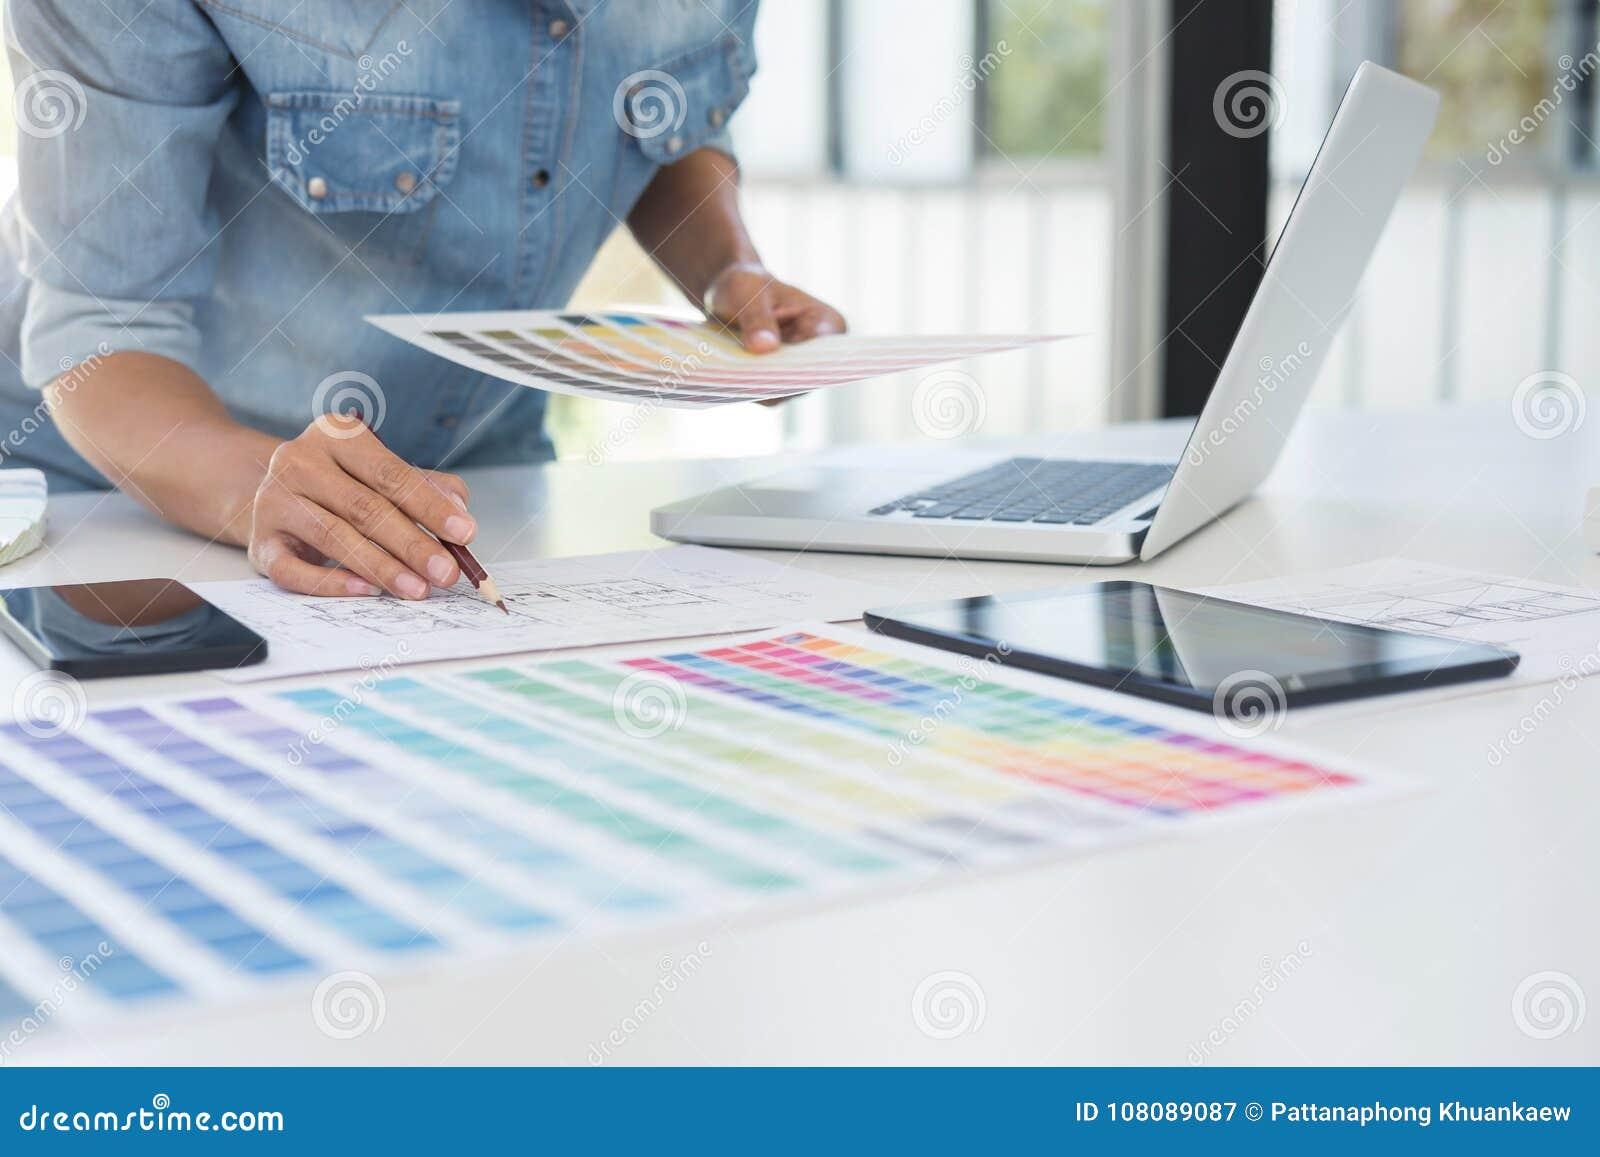 Colori i campioni, il grafico di colore, il campione del campione, bei del grafico